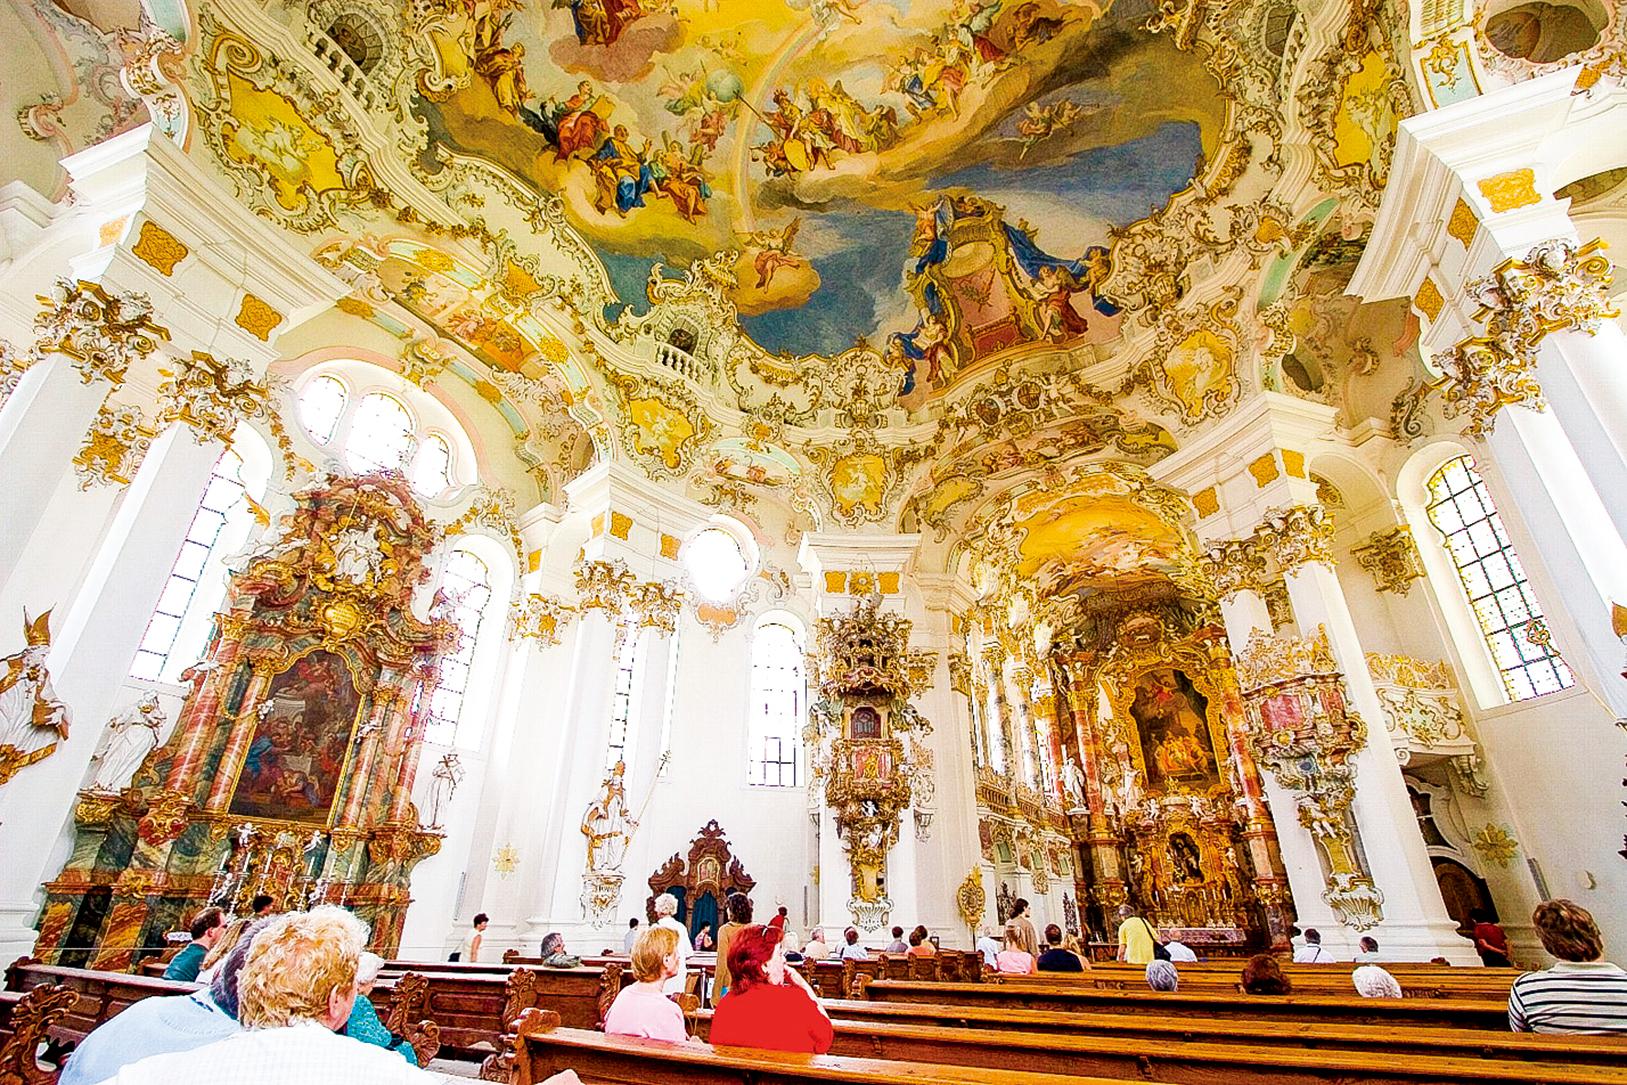 位於德國的維斯教堂(Wieskirche)內部景觀,建築裝潢採用了典型的洛可可風格。(pipimaru/Wikimedia Commons提供)